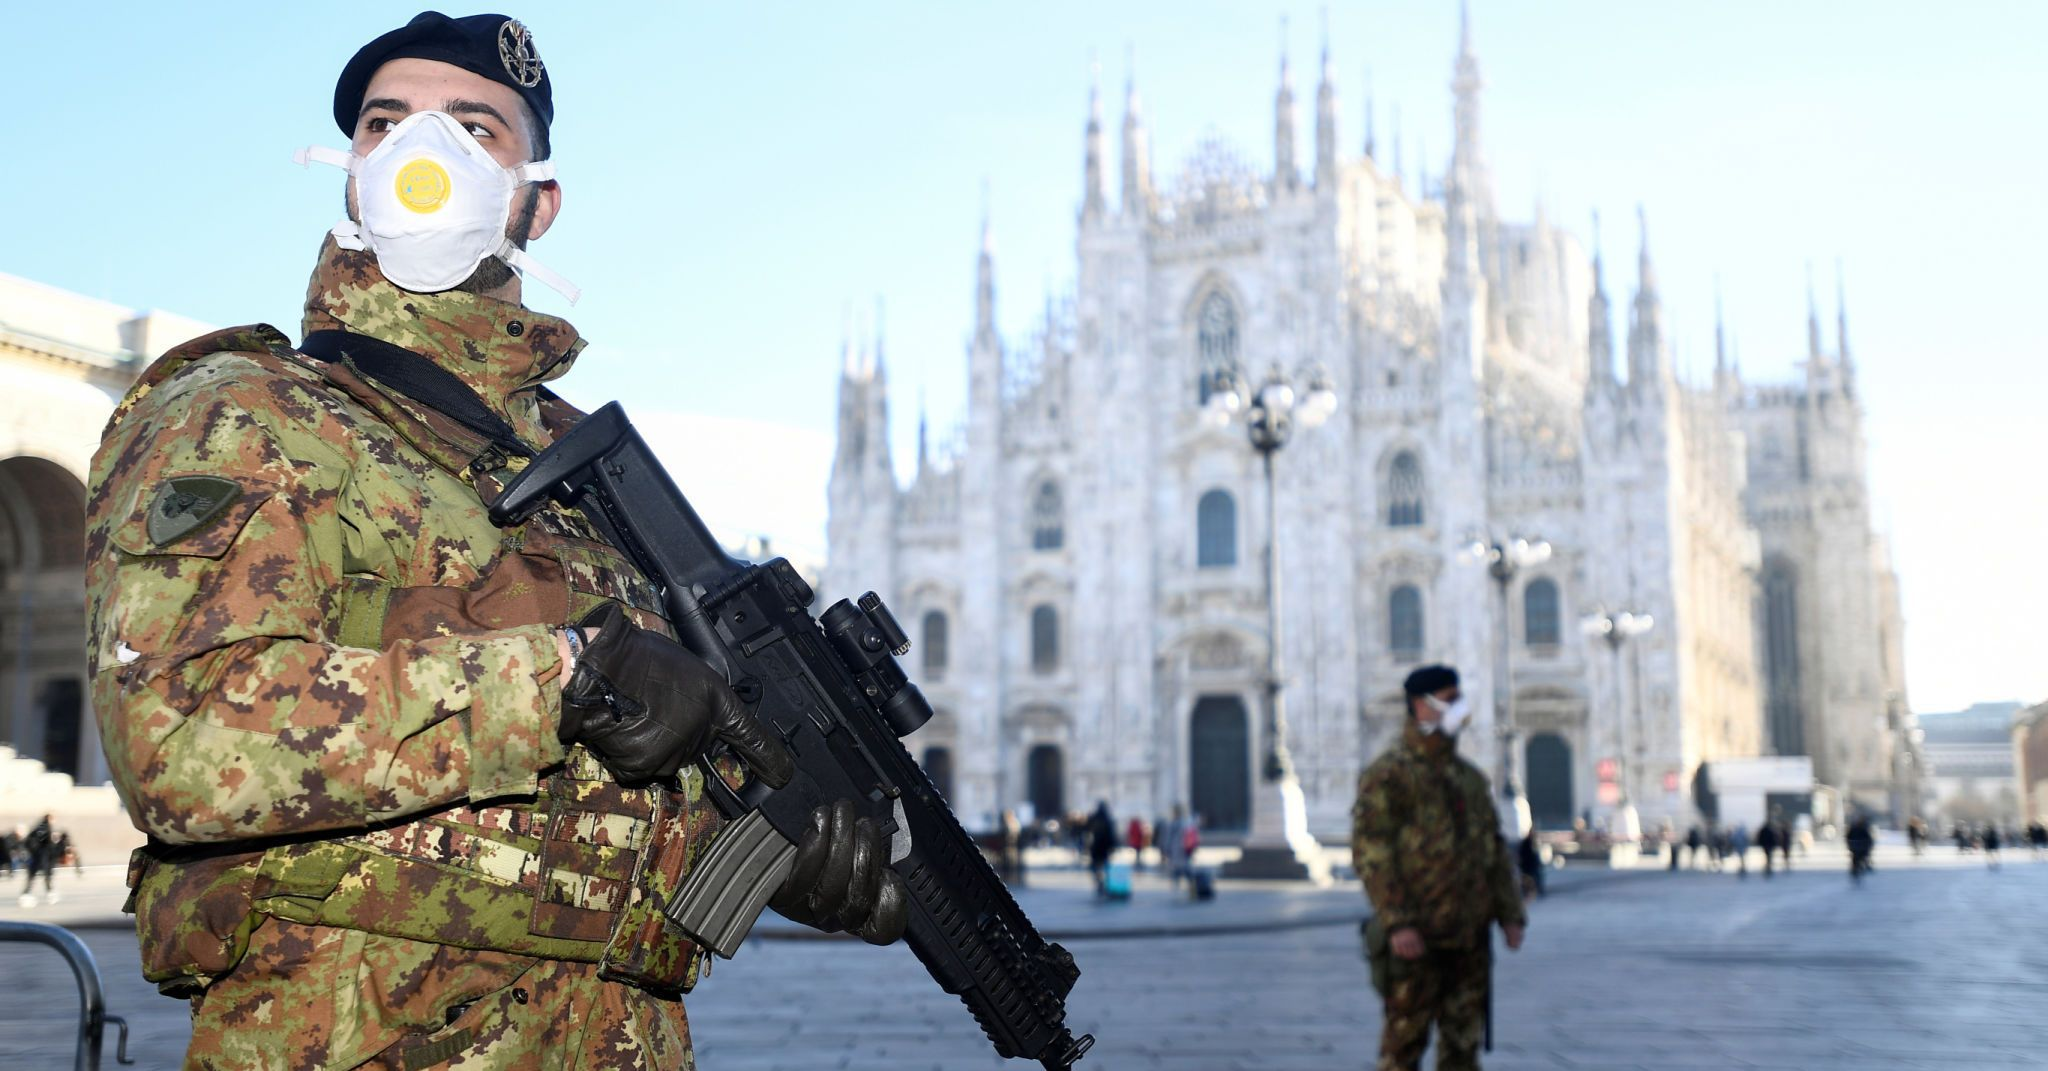 Матчи Серии А под угрозой отмены из-за нового коронавируса. Италия вышла на третье место в мире по числу заболевших - фото